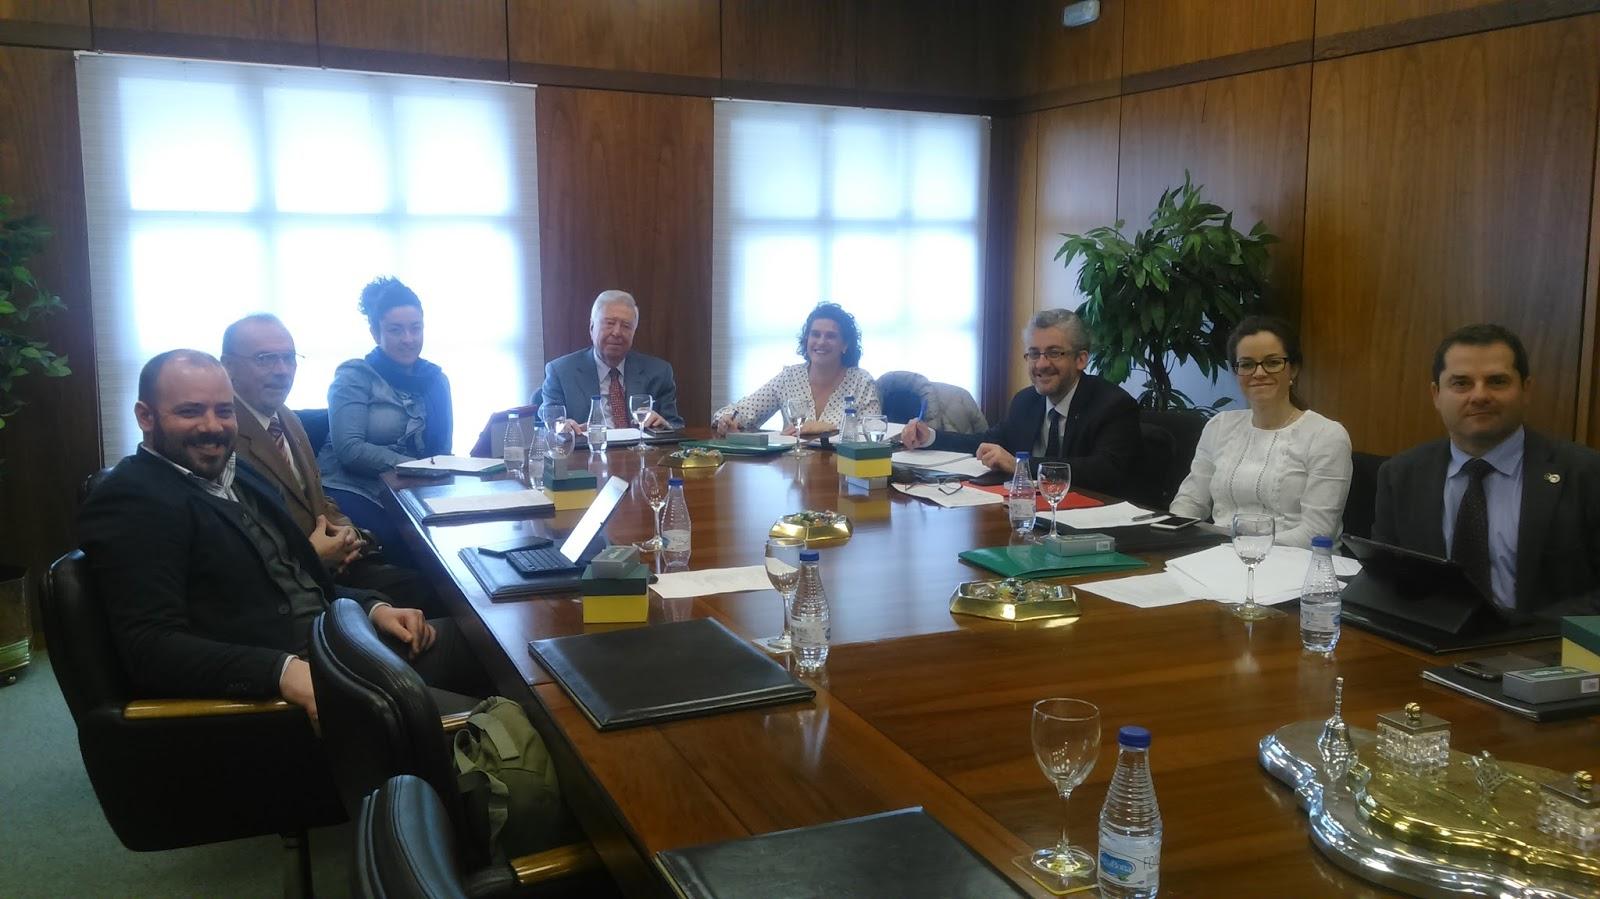 'Huelva Potencia Económica' se fija como primer objetivo impulsar el proyecto CEUS